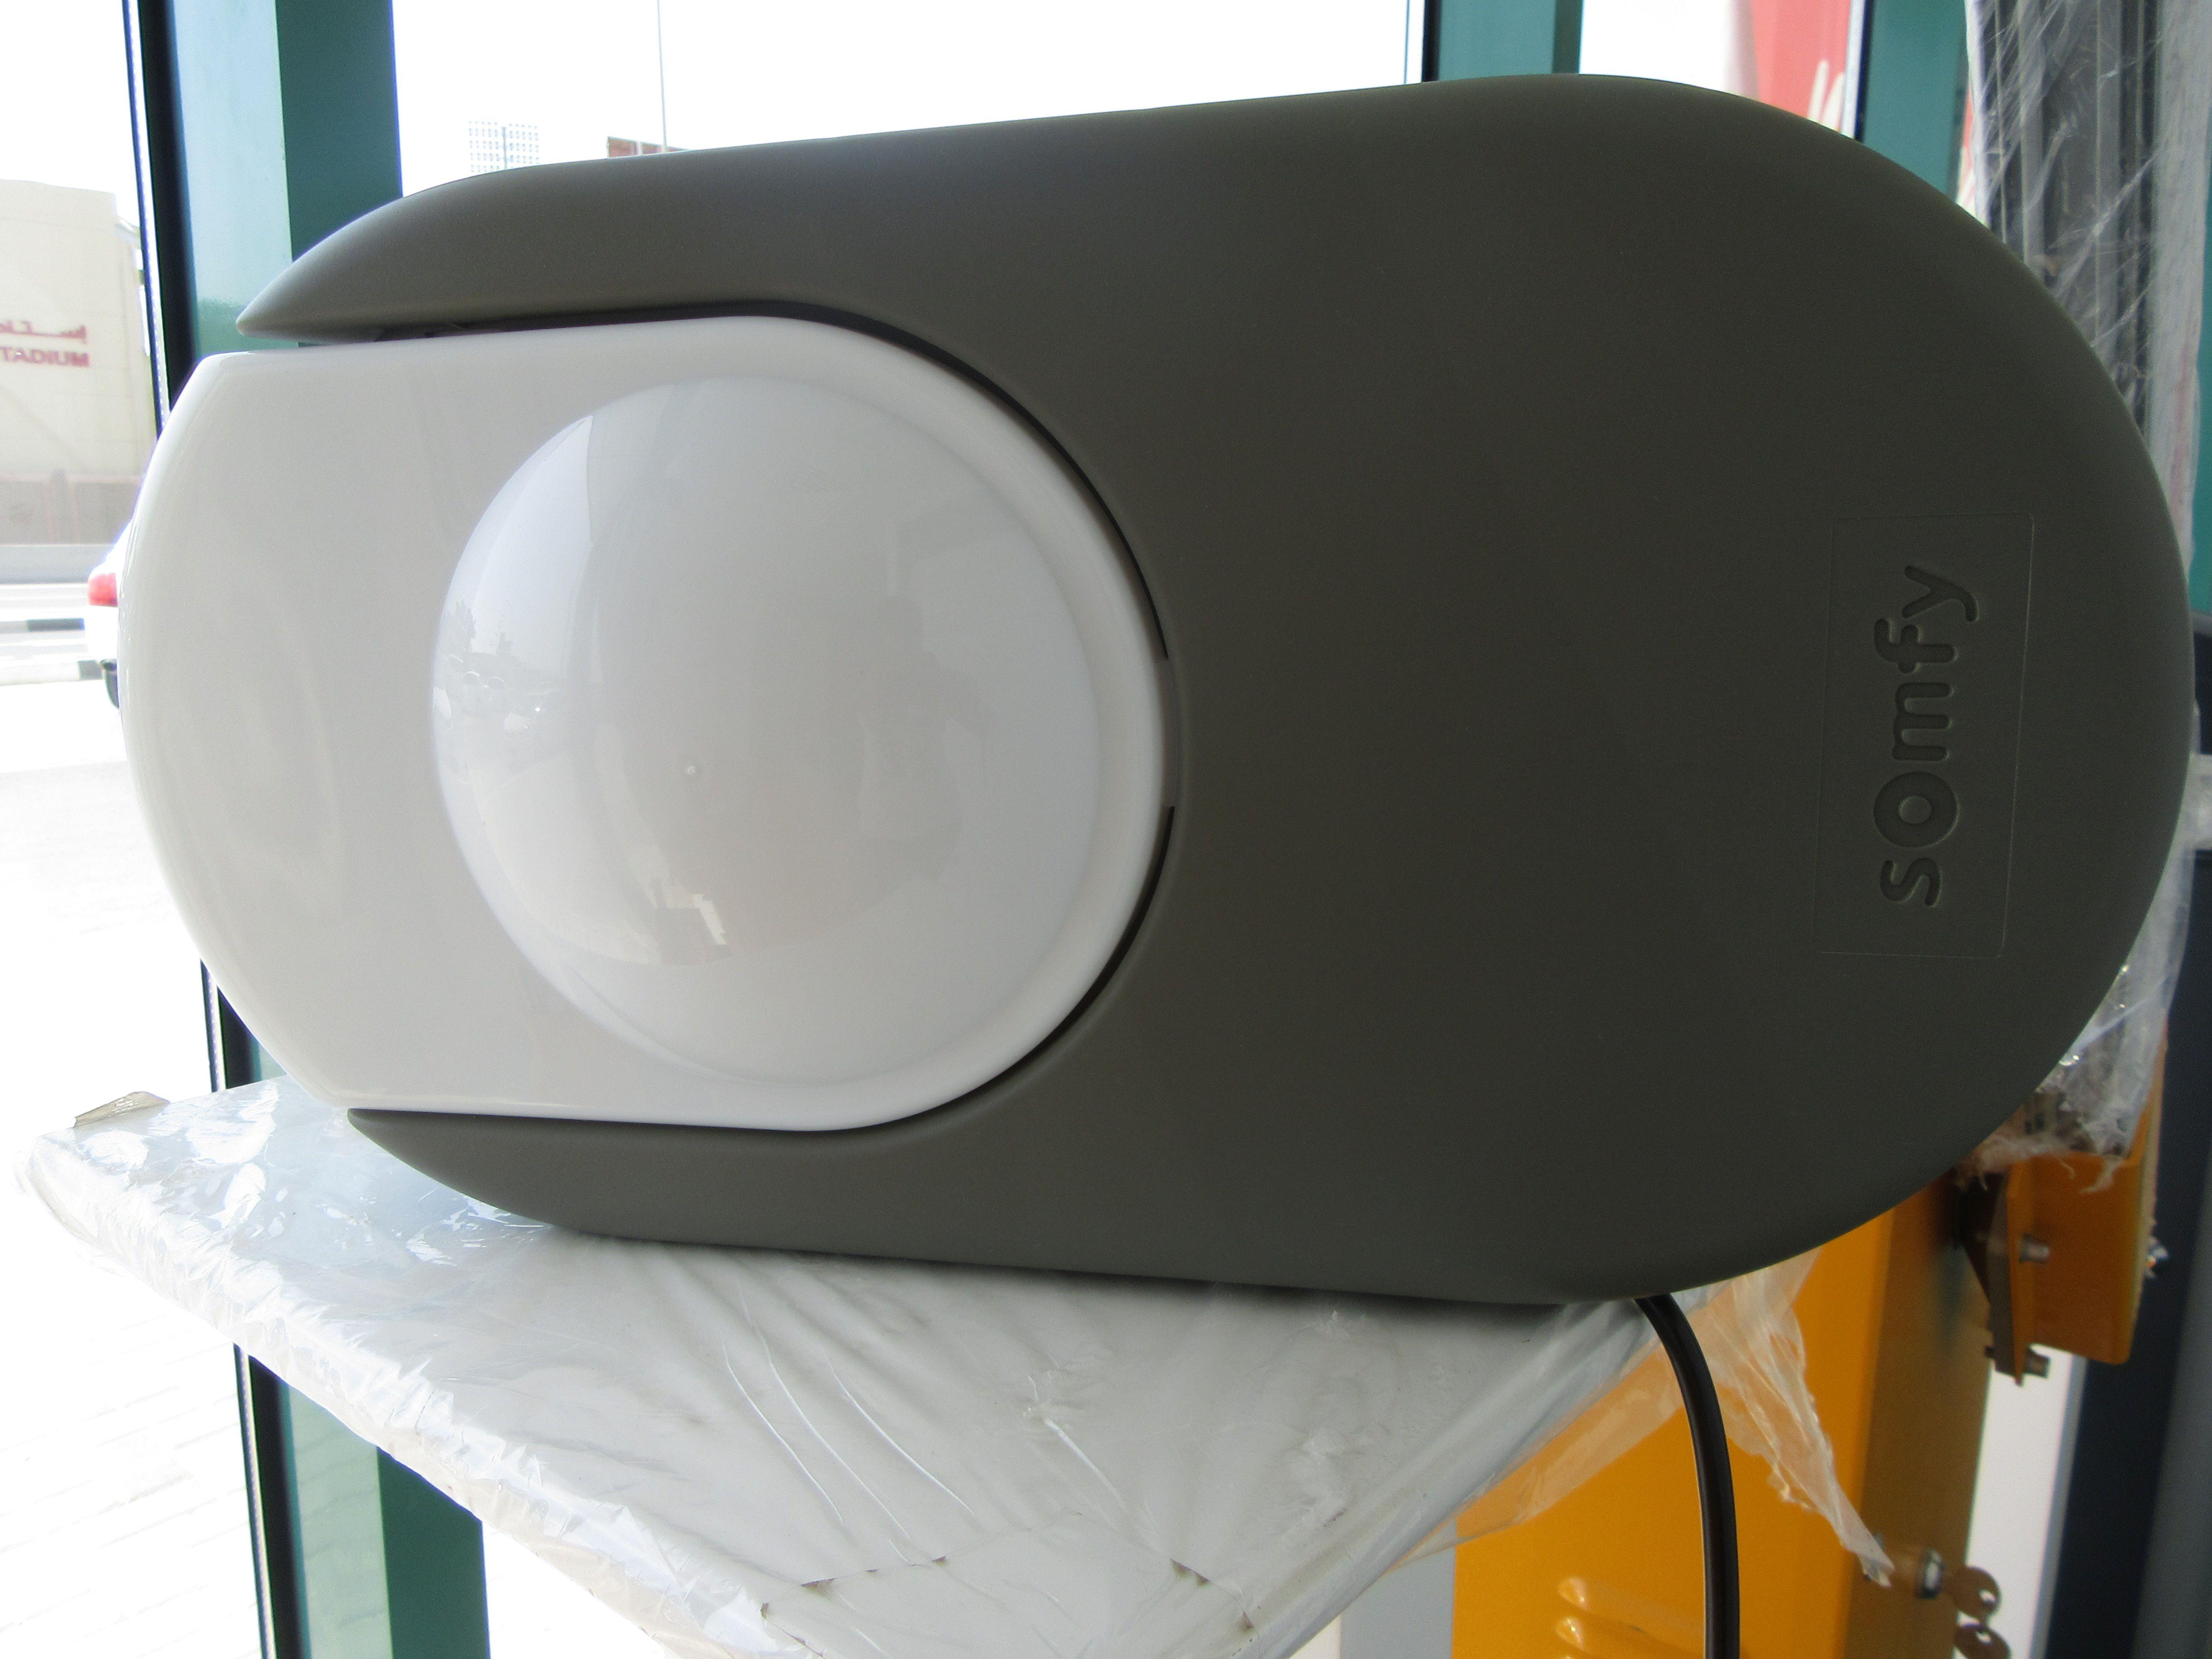 as in repair united door designs vegas doors gdr las clopay review garage best nv new